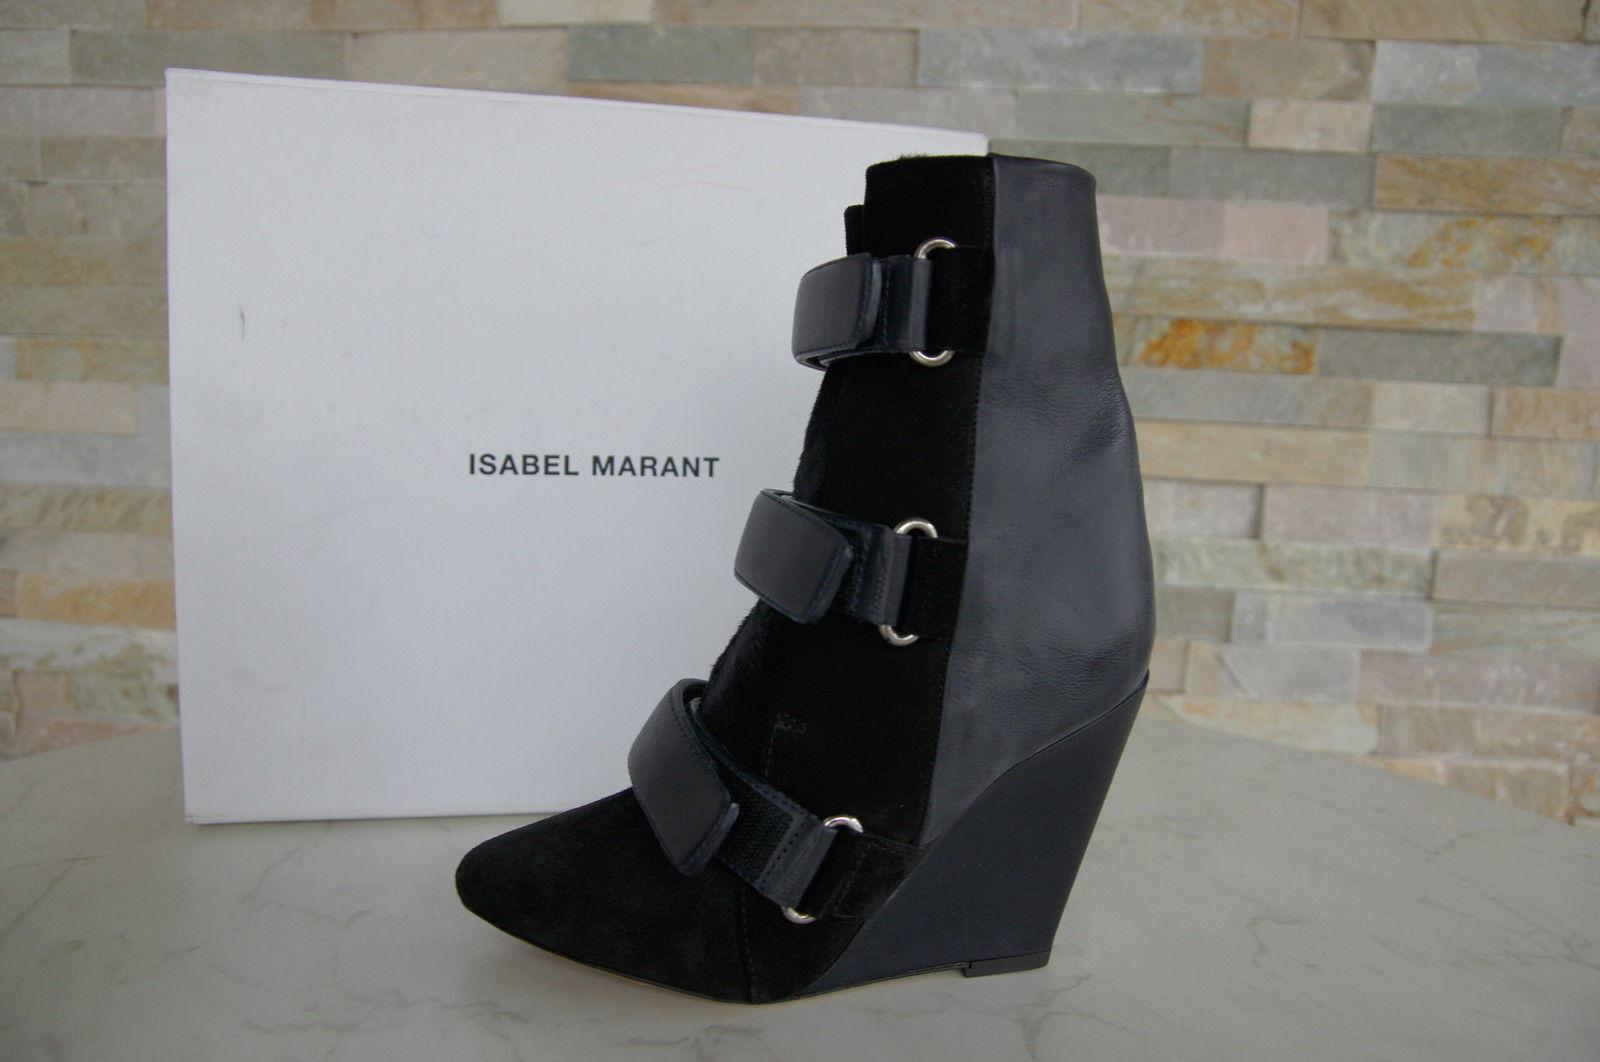 Isabel Marant Gr 36 Botines Botines Botines botas Piel Zapatos Midnight Nuevo Antiguo  Todos los productos obtienen hasta un 34% de descuento.